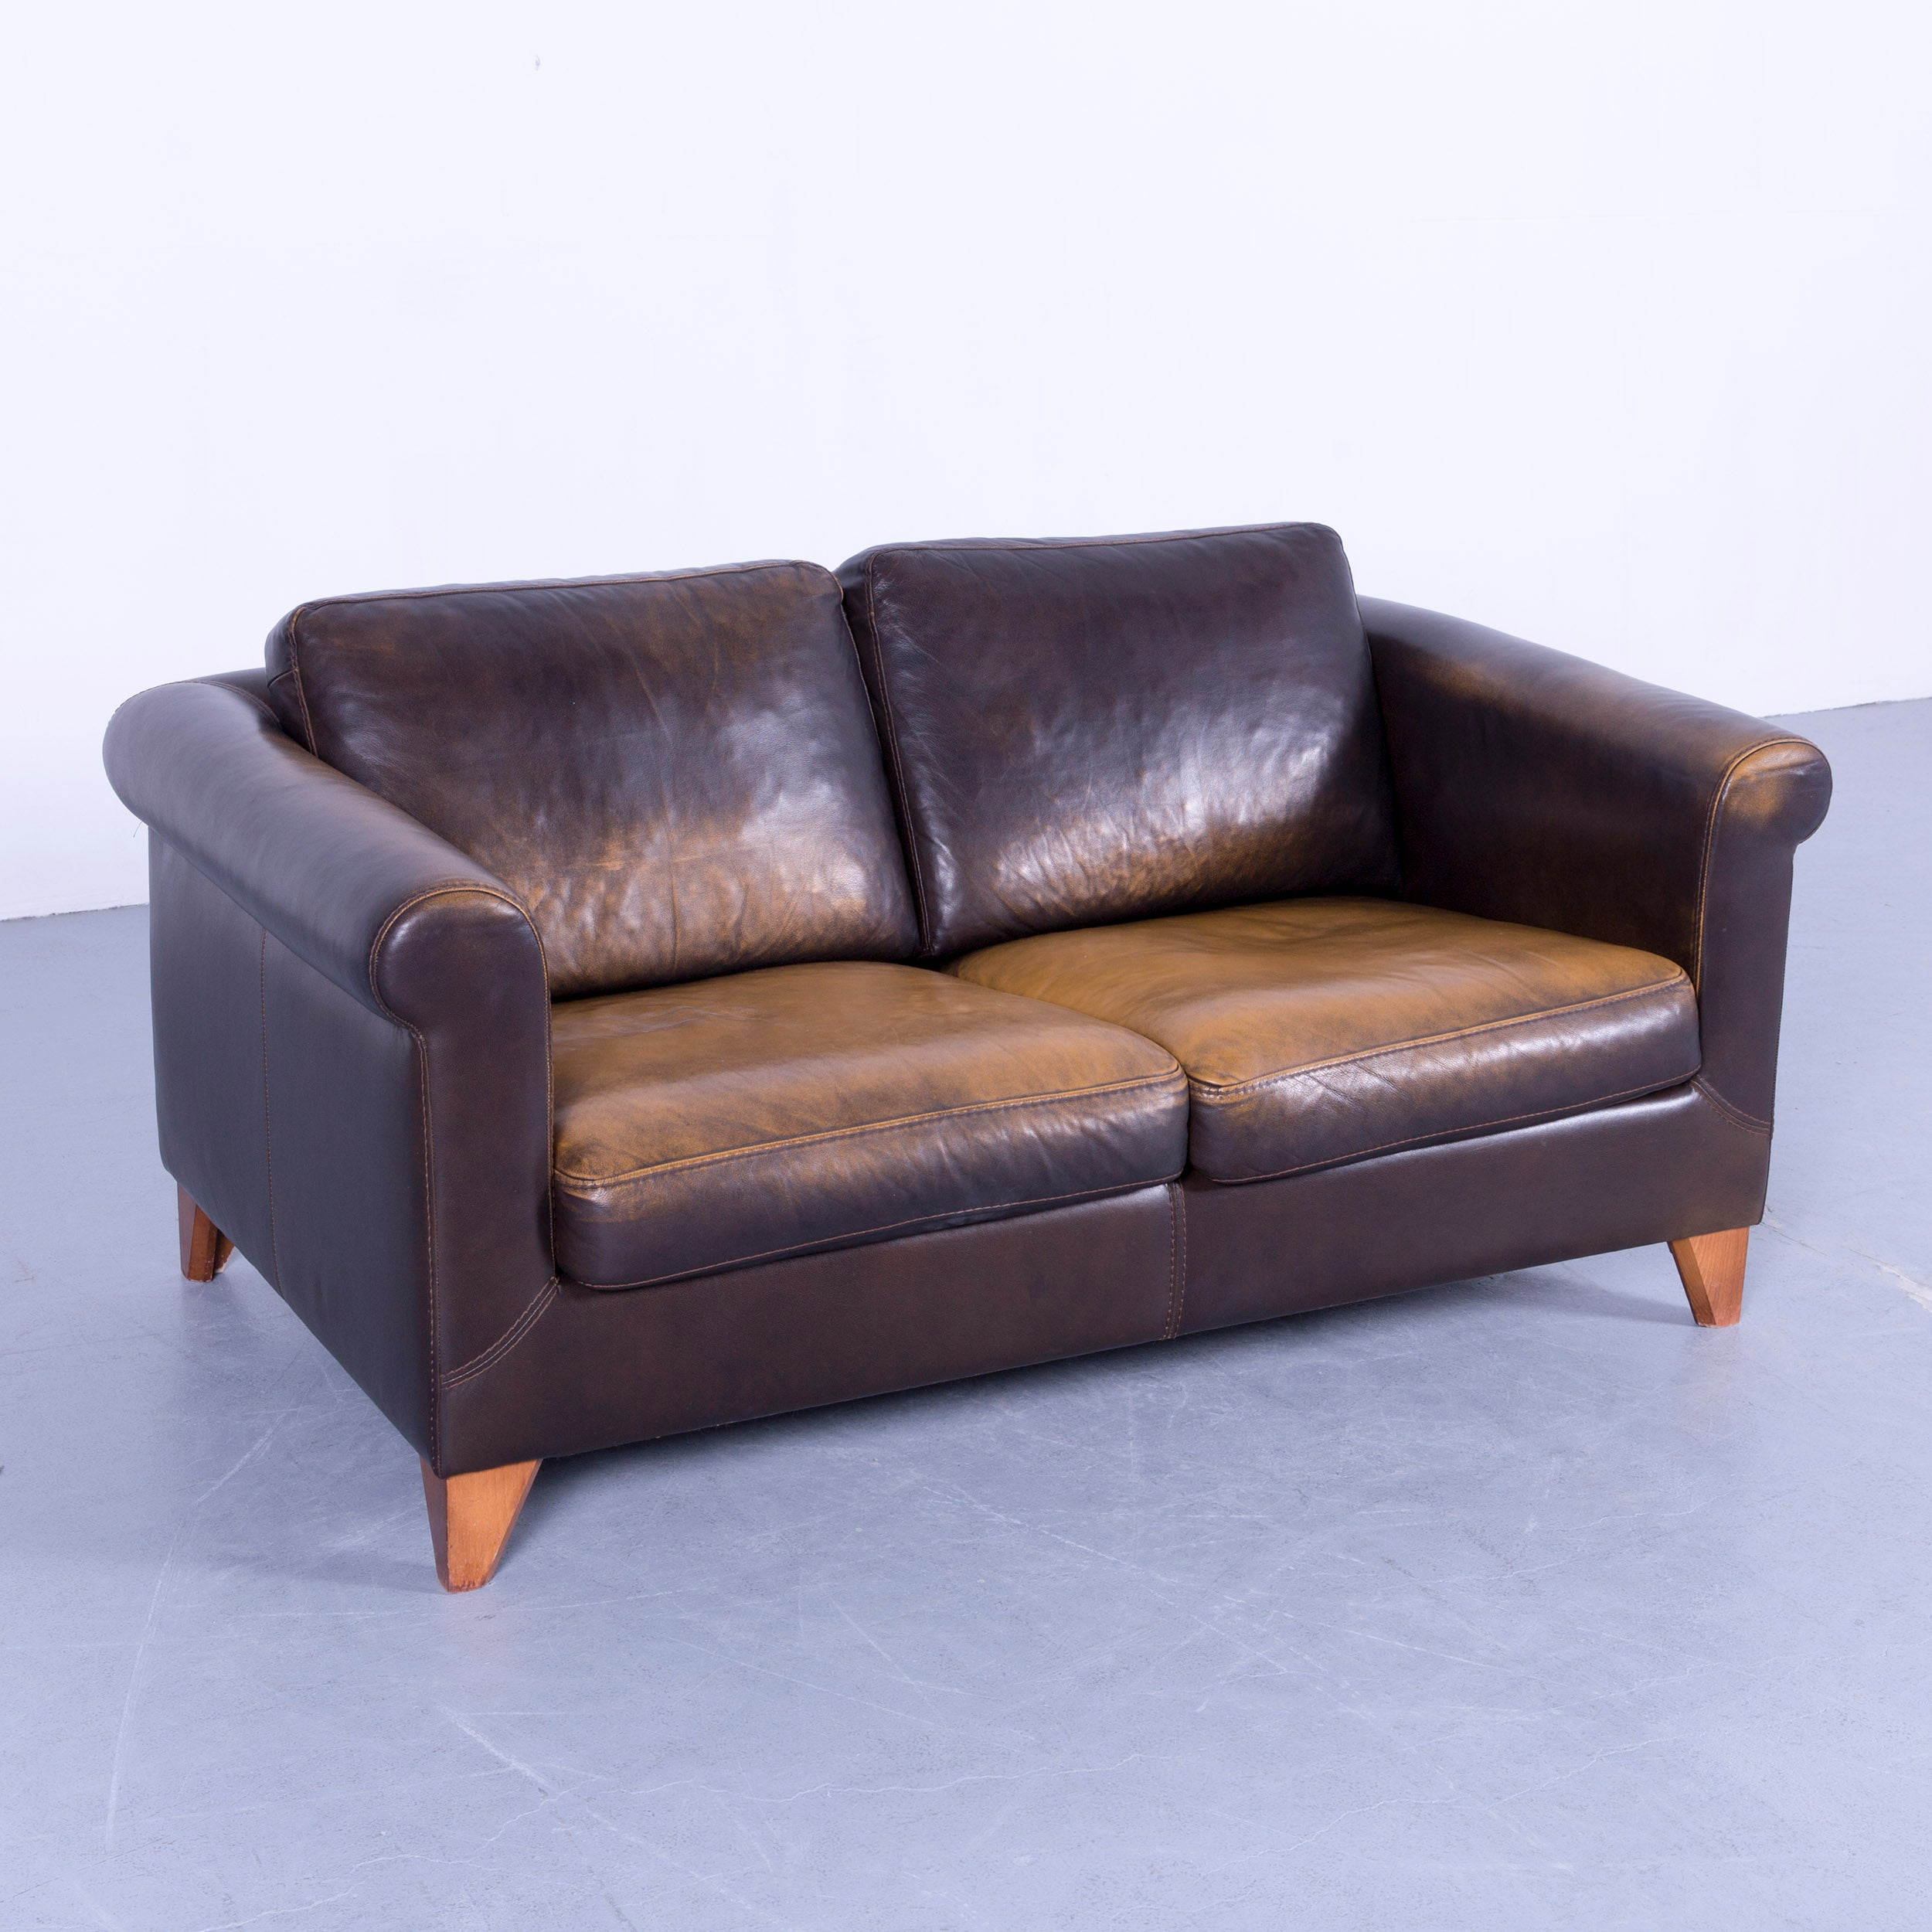 Faszinierend Couch Braun Leder Dekoration Von